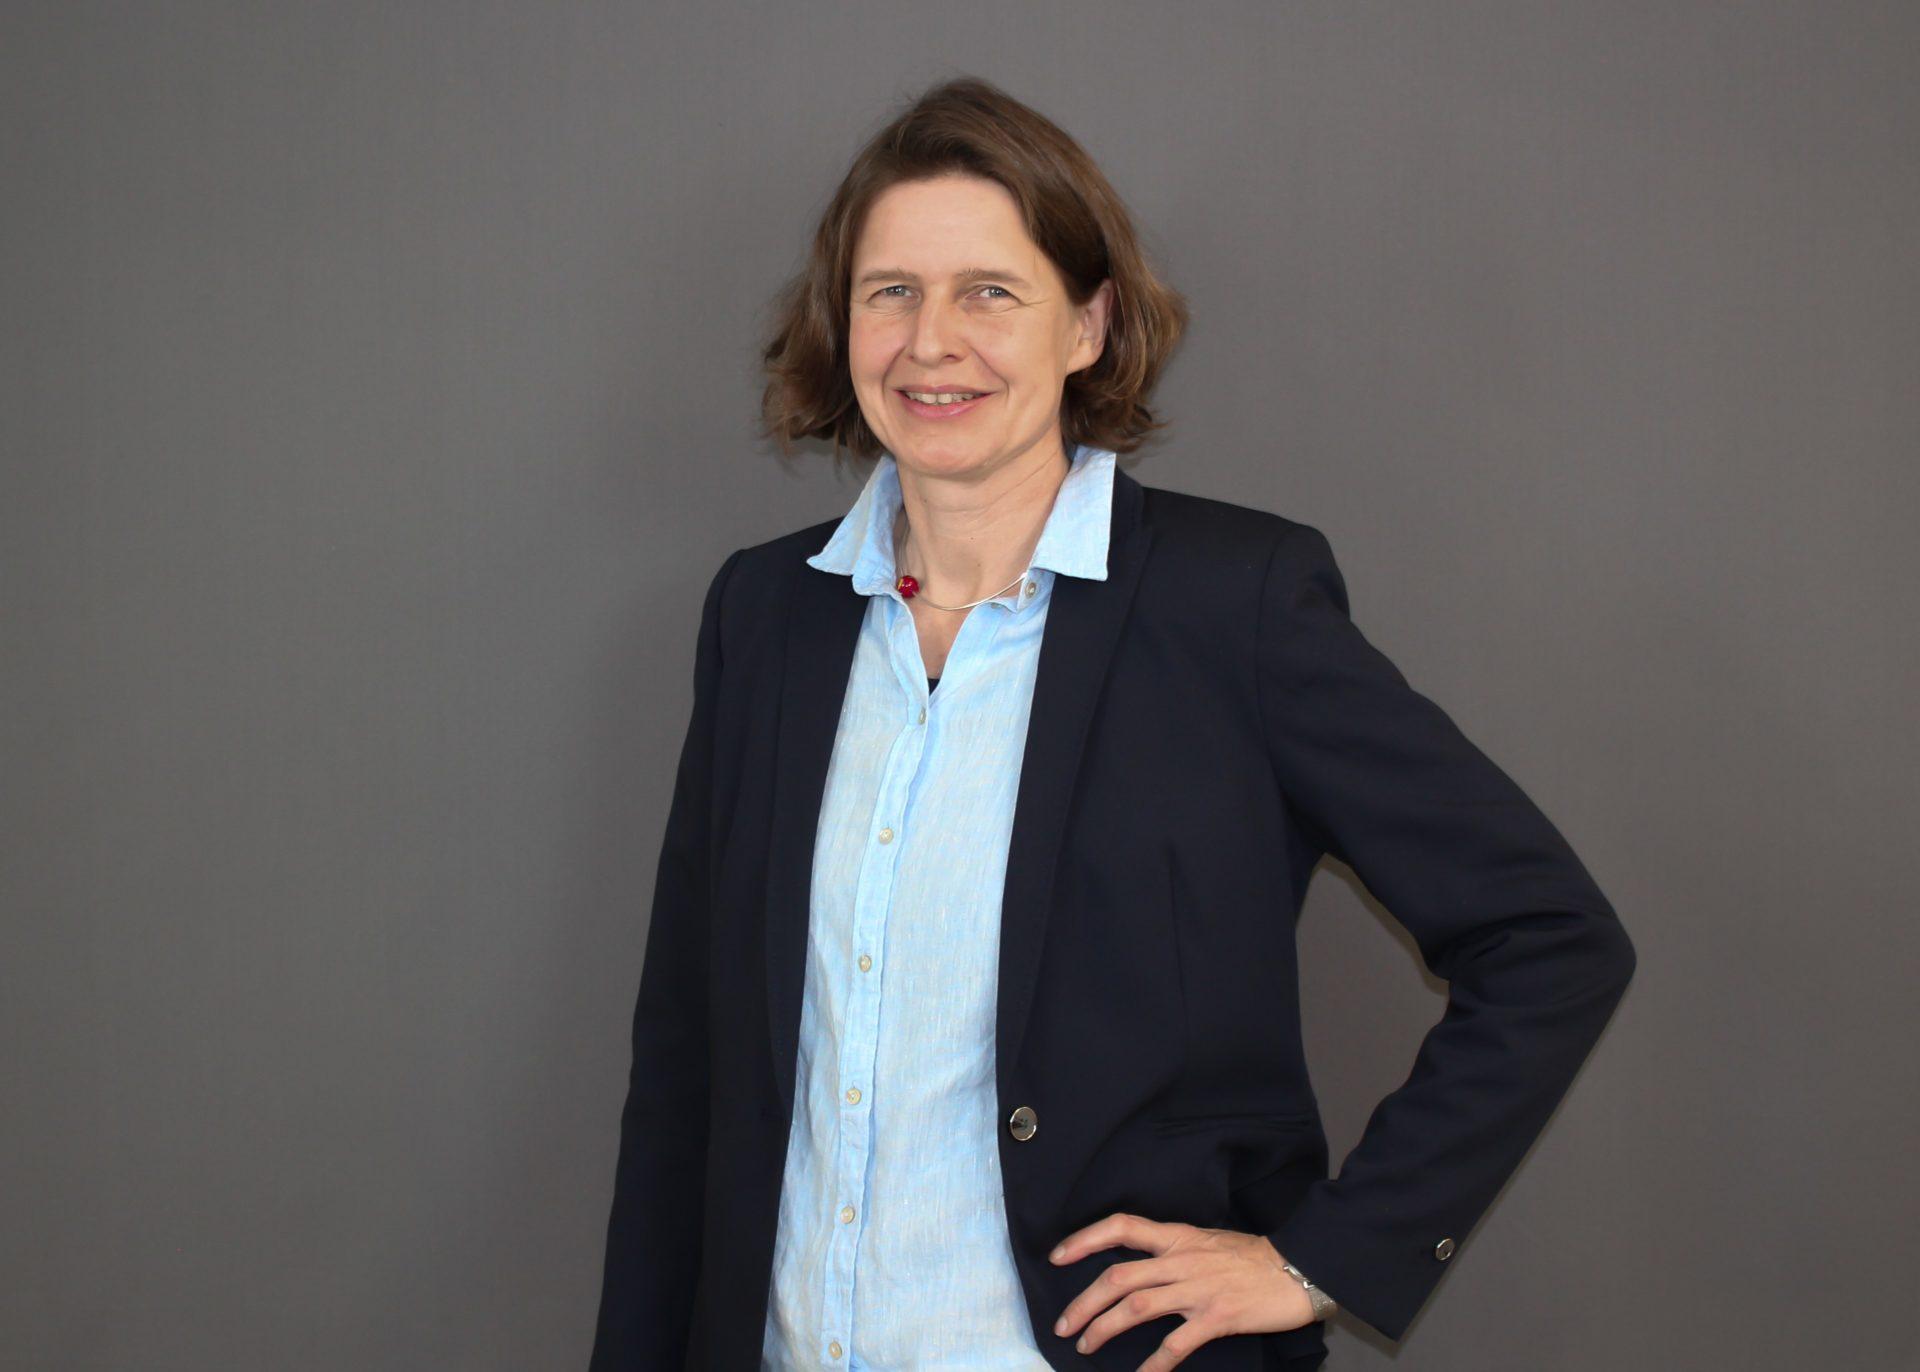 Ein Portrait von Kirsten Loewe vor einem grauen Hintergrund